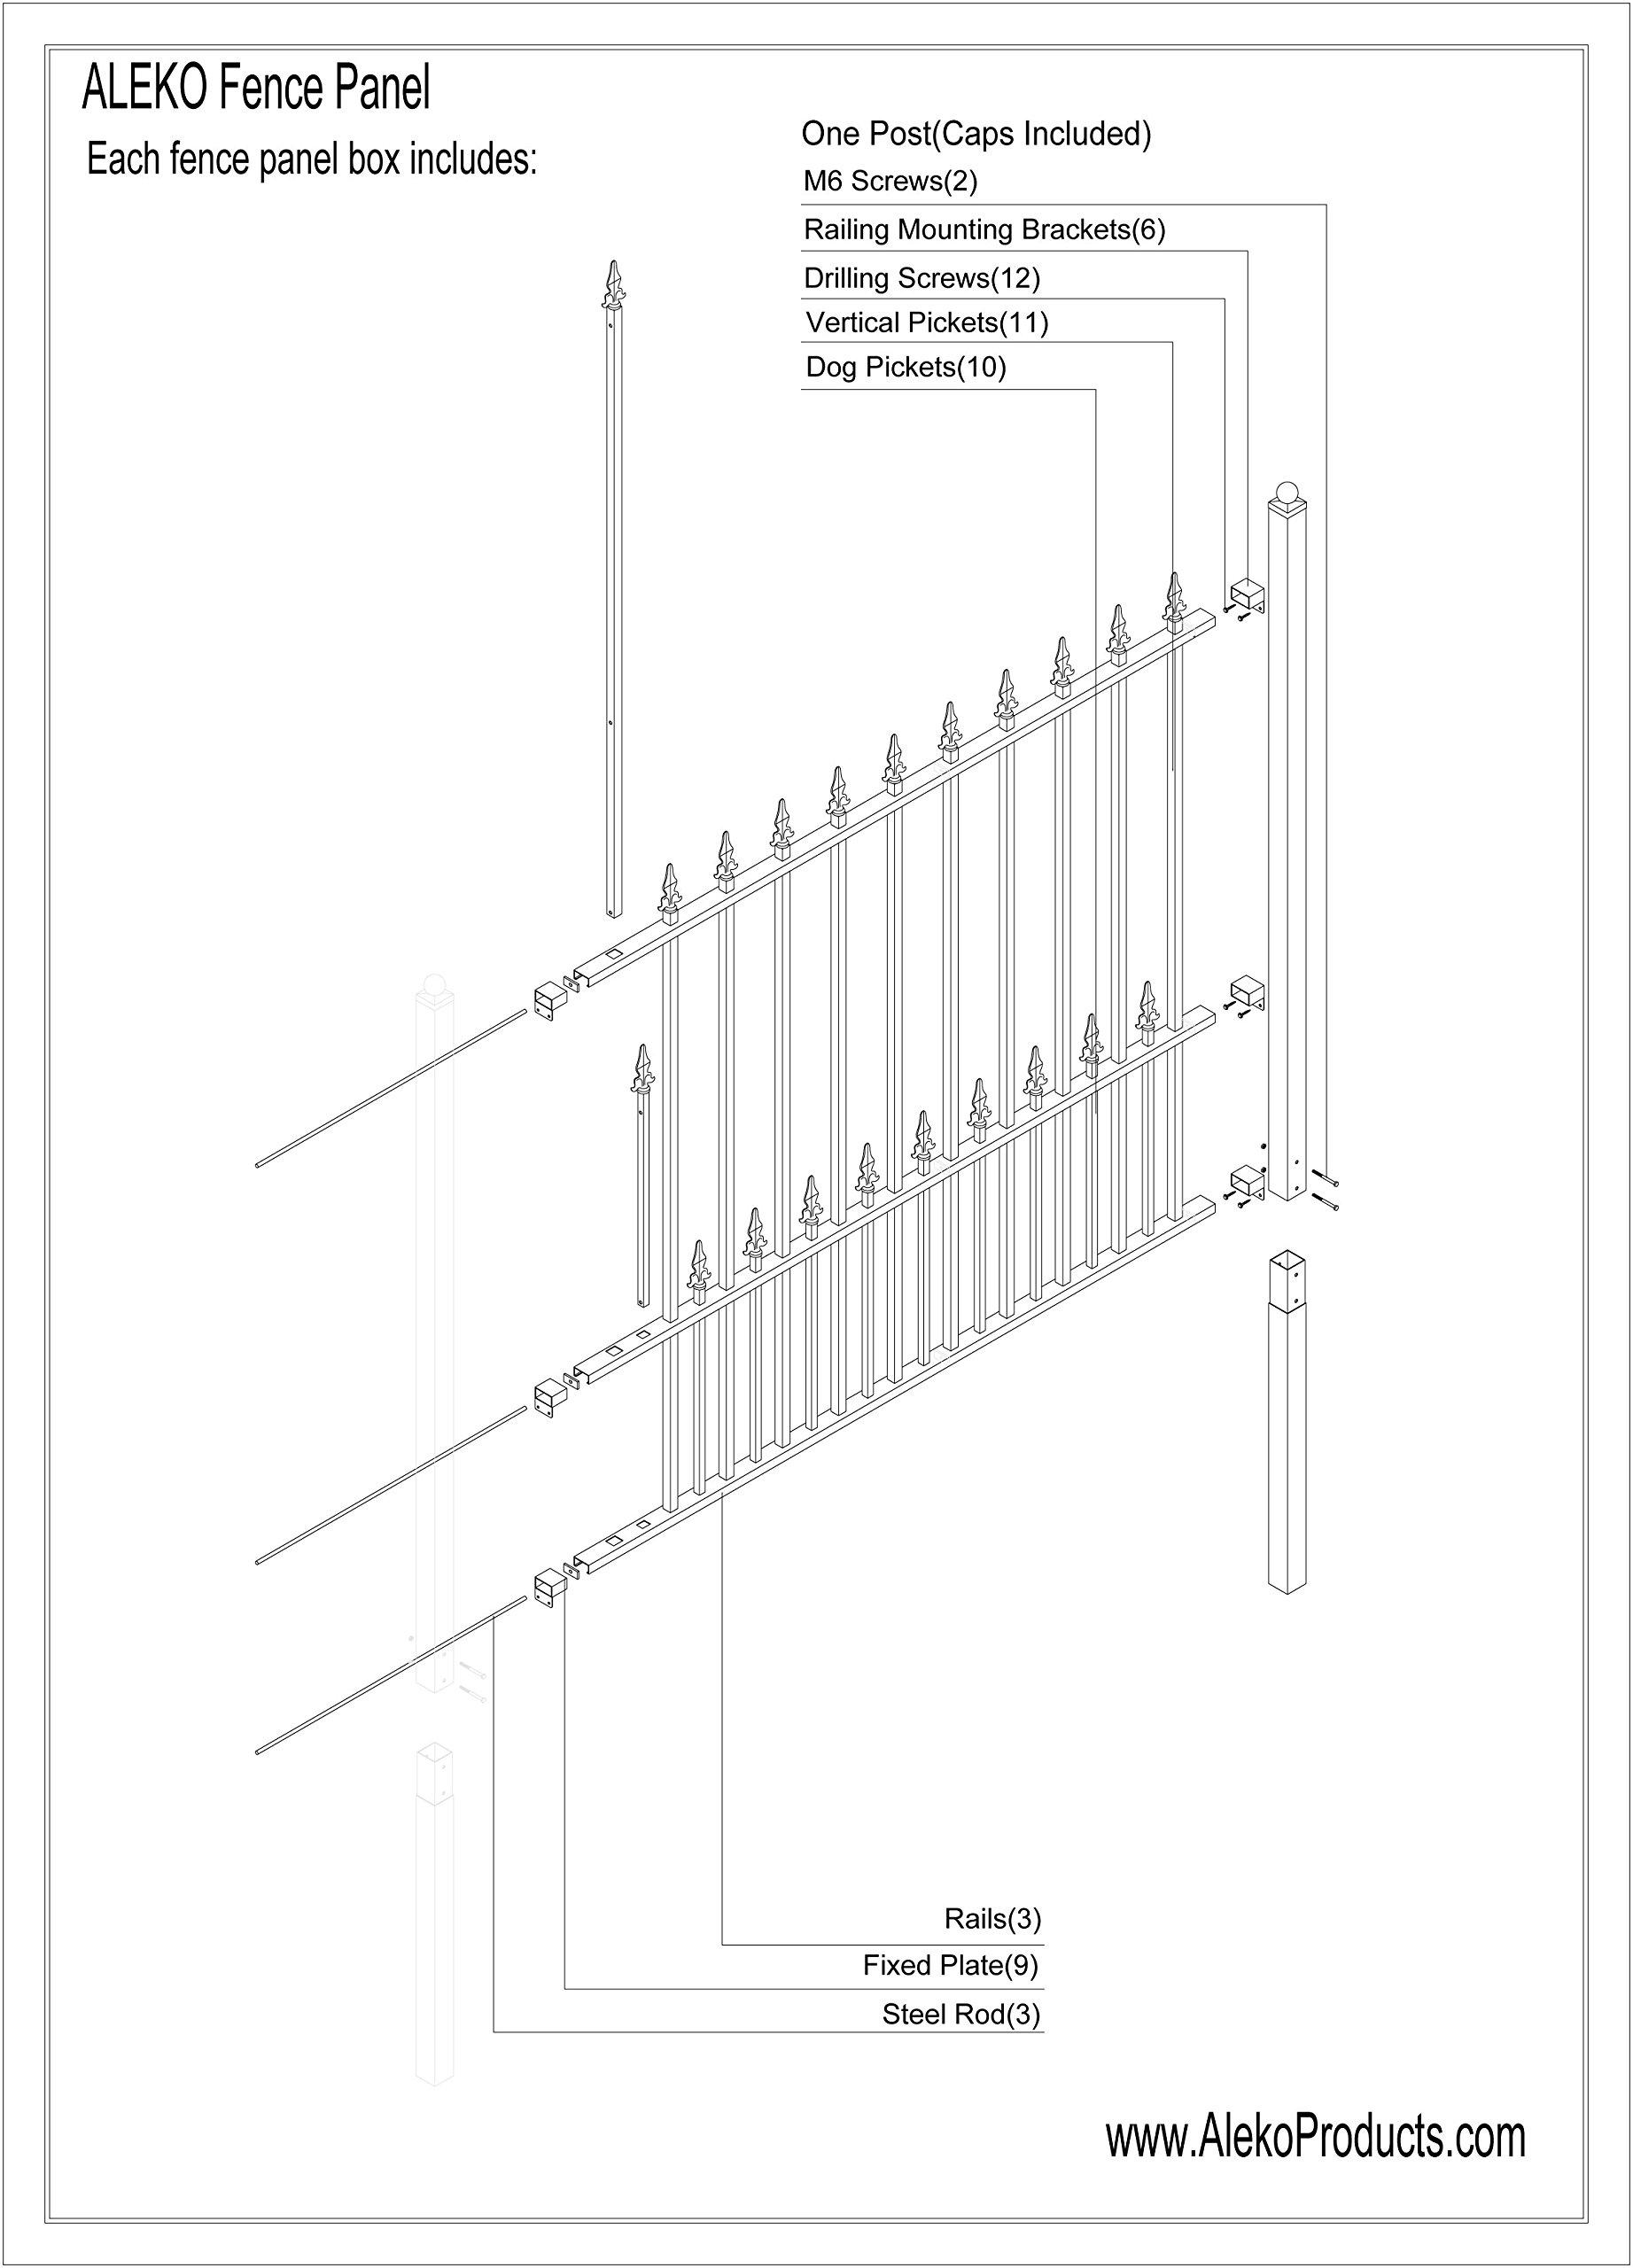 ALEKO Munich Style DIY Iron Wrought Steel Fence 5.5' X 5' Ornamental Fence